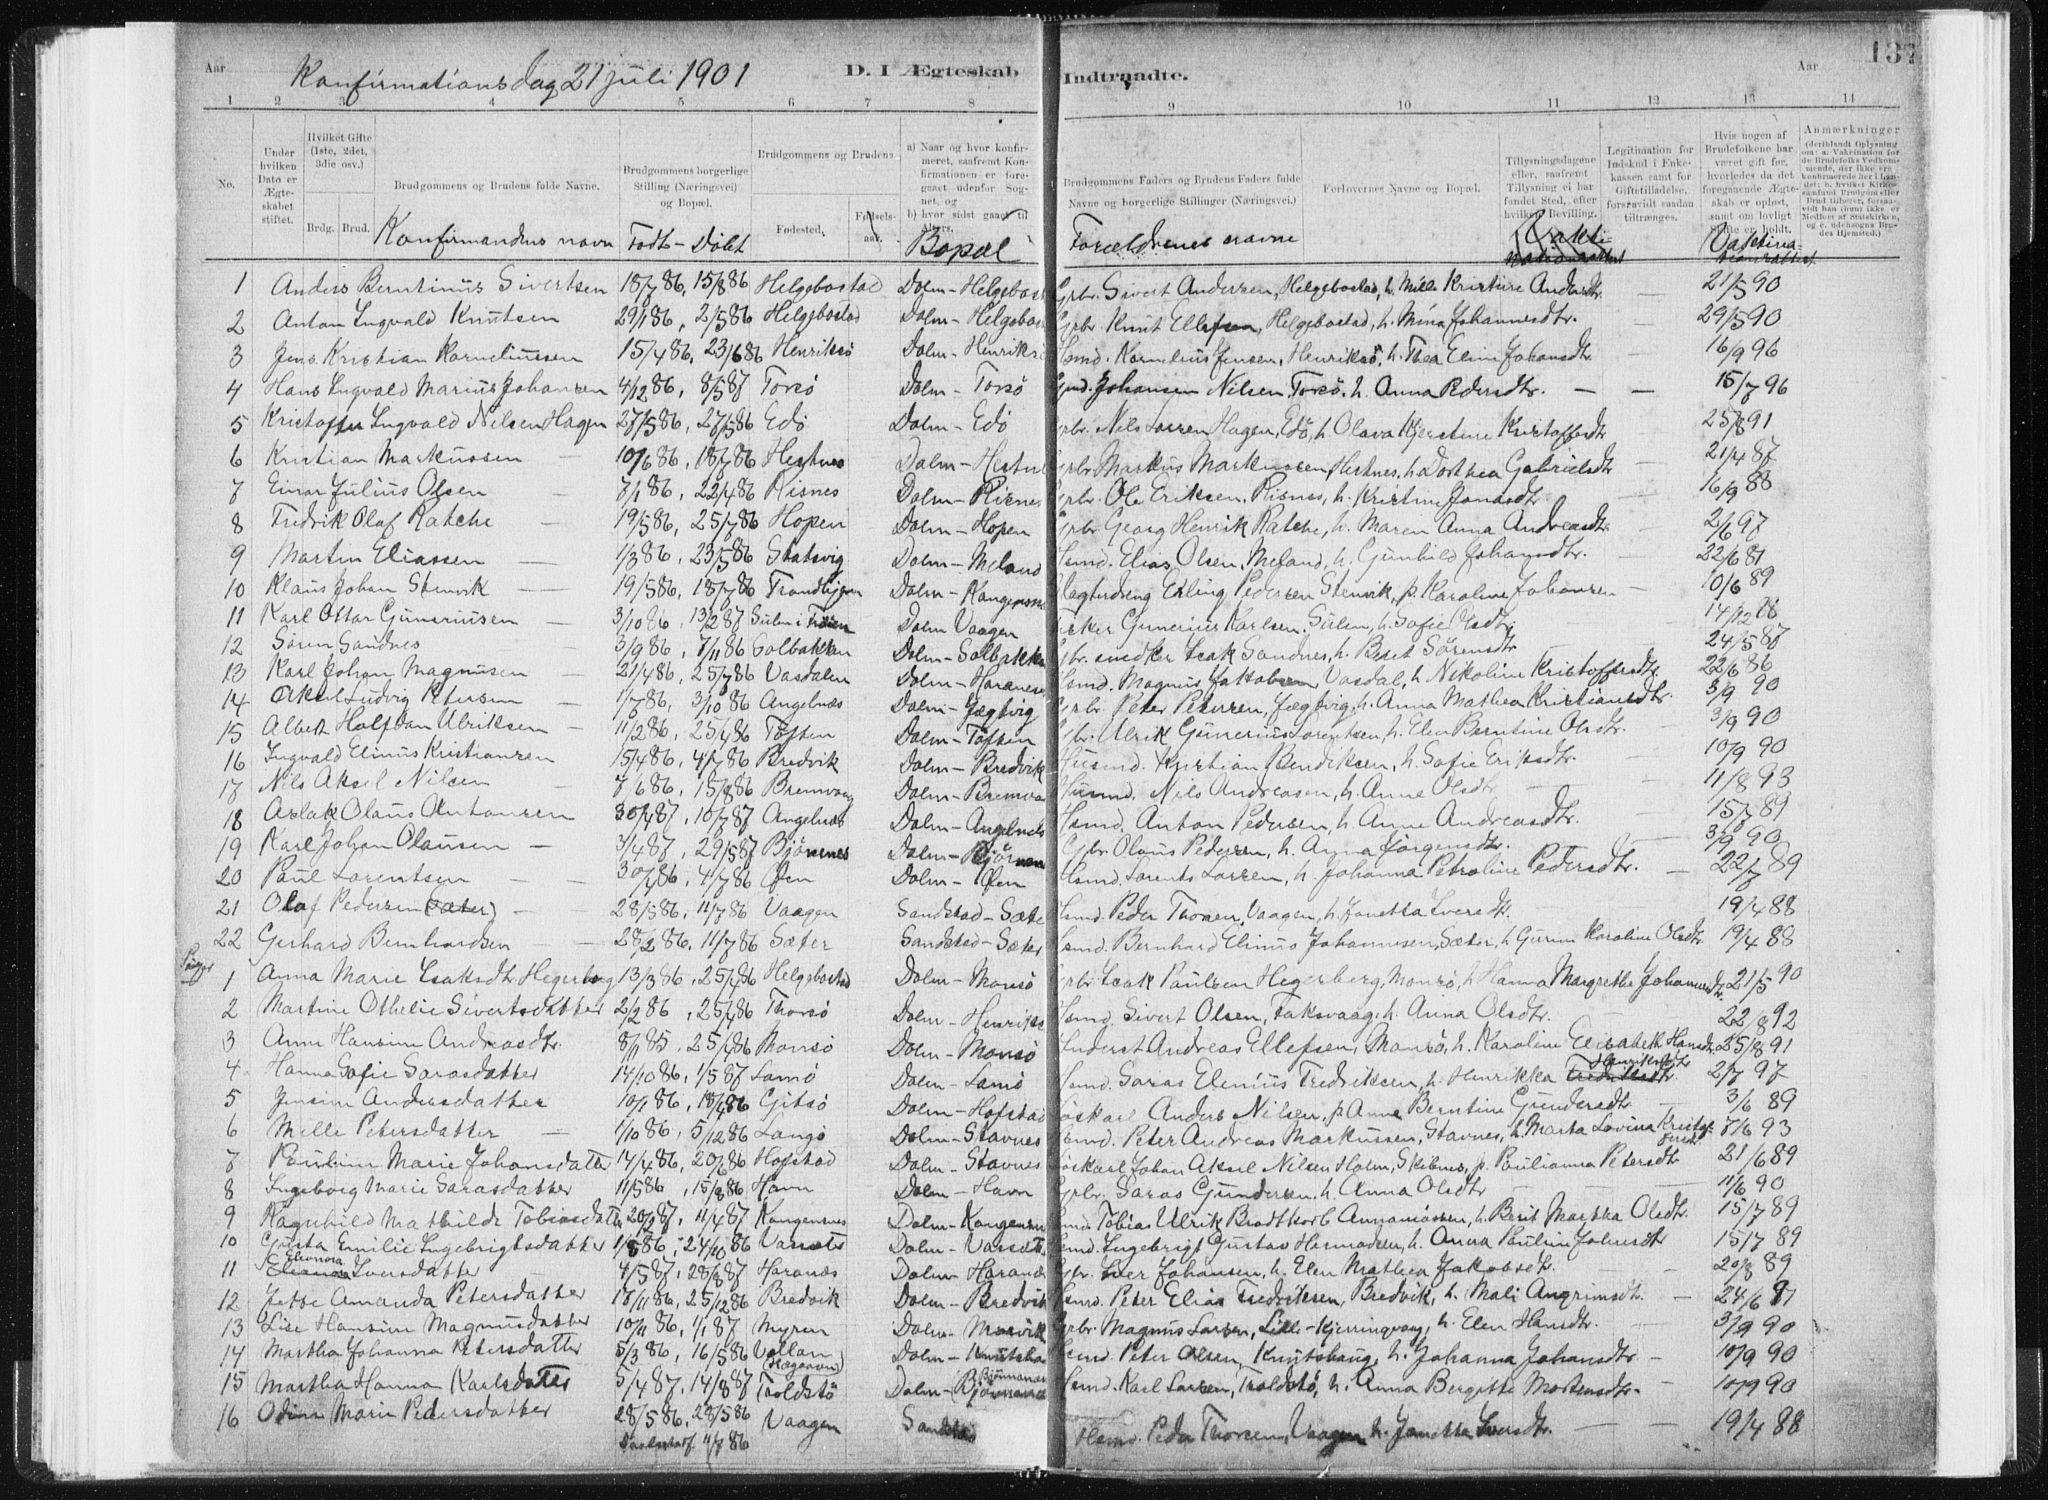 SAT, Ministerialprotokoller, klokkerbøker og fødselsregistre - Sør-Trøndelag, 634/L0533: Ministerialbok nr. 634A09, 1882-1901, s. 137